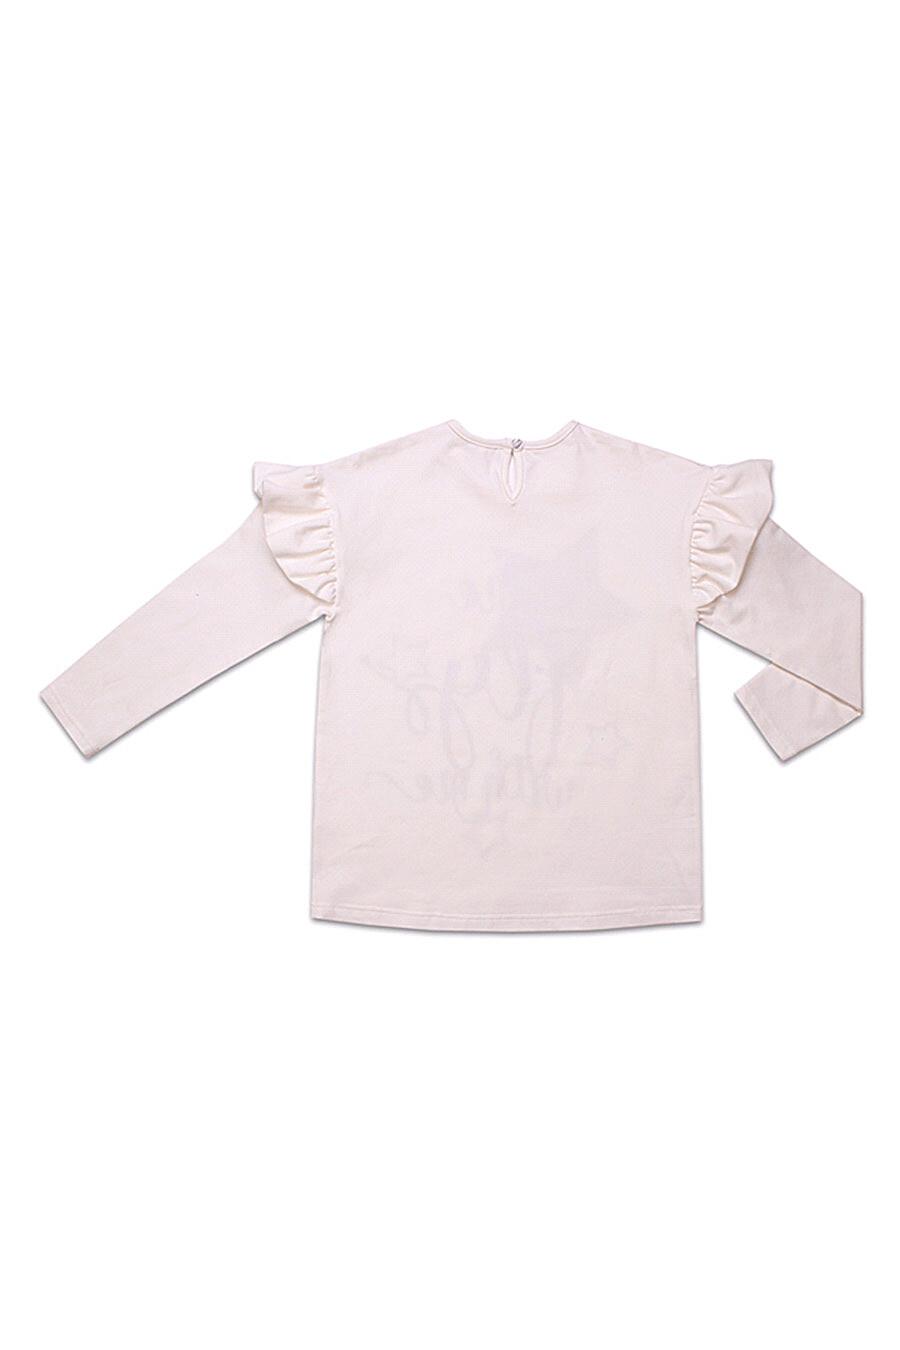 Джемпер для девочек Archi 131229 купить оптом от производителя. Совместная покупка детской одежды в OptMoyo